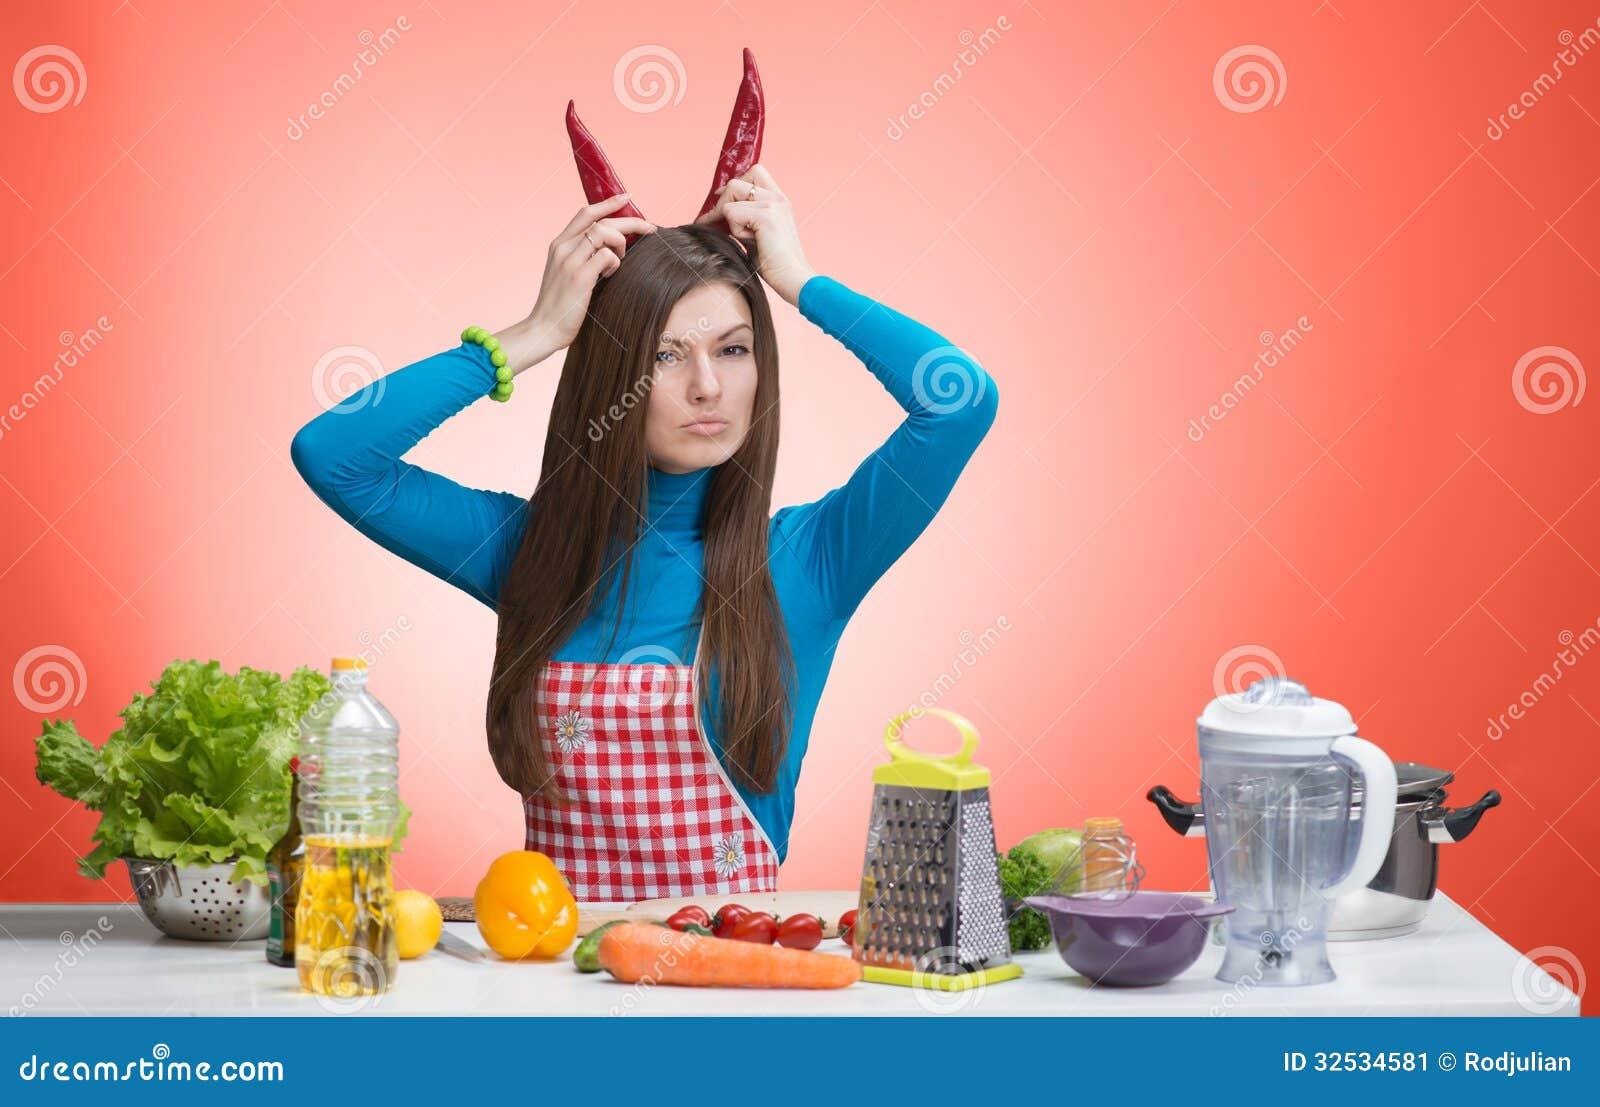 Retrato divertido de una mujer enojada en la cocina